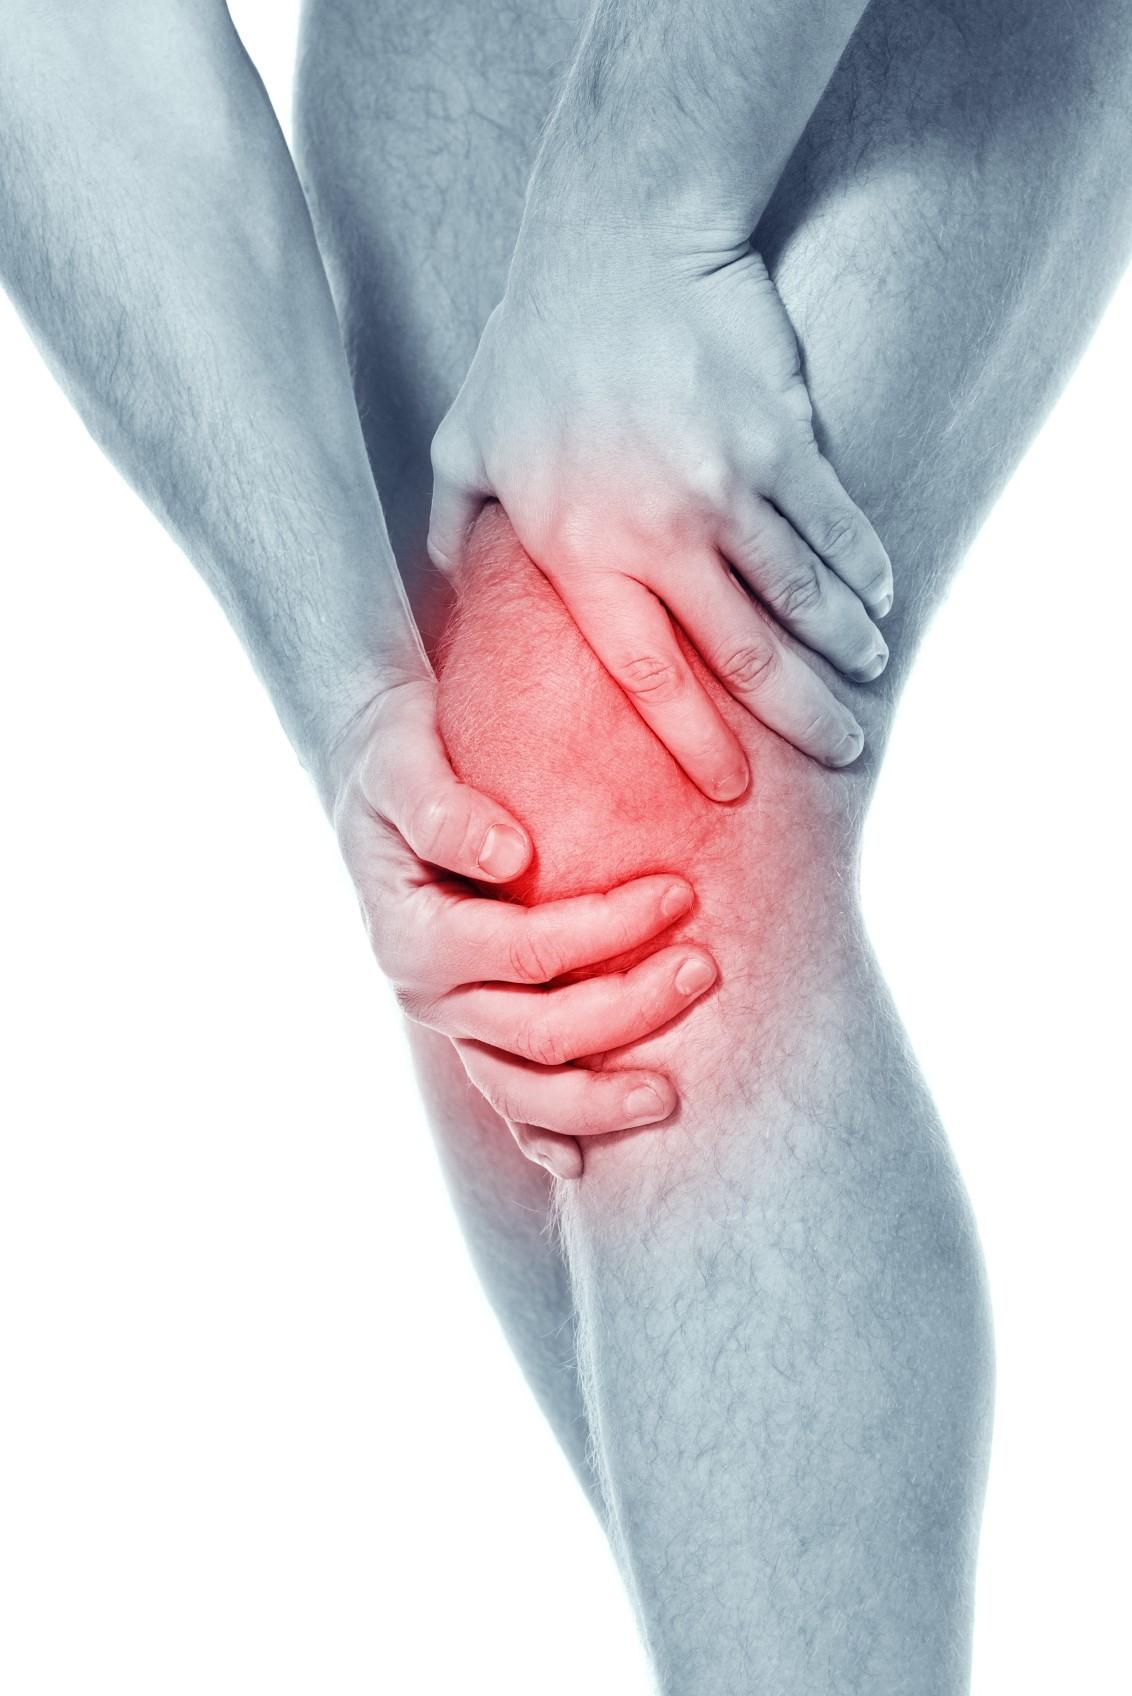 Valu olaliigese juures Mis on liigeste artroos